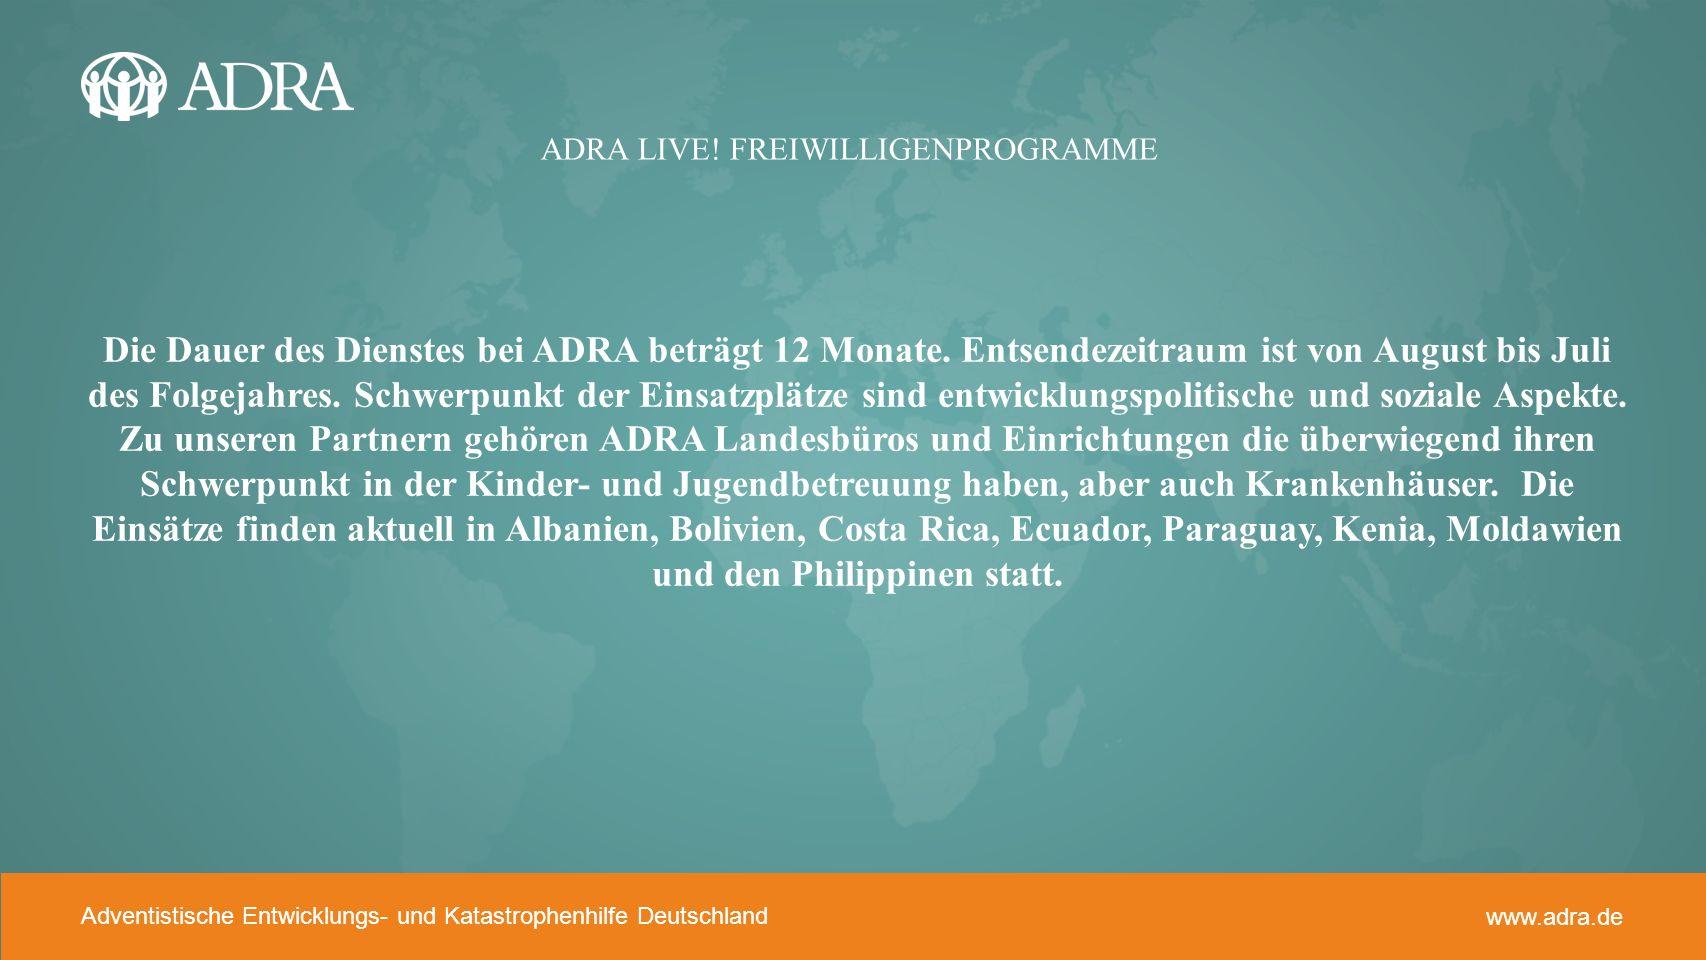 Adventistische Entwicklungs- und Katastrophenhilfe www.adra.de Adventistische Entwicklungs- und Katastrophenhilfe Deutschland www.adra.de WELCHE KOSTEN ENTSTEHNE FÜR DIE FREIWILLIGEN.